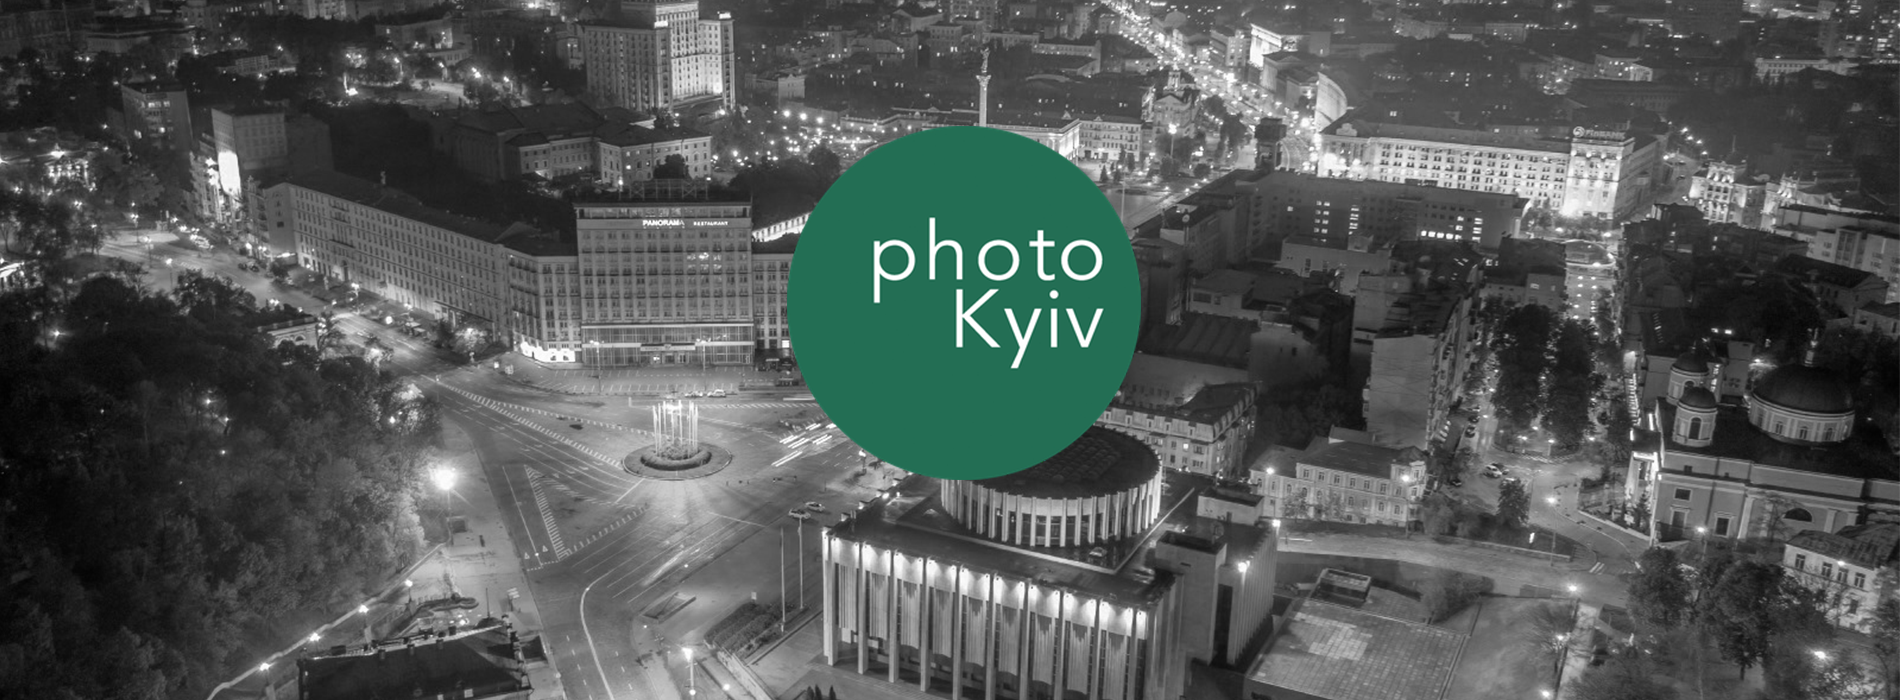 PHOTO KYIV FAIR